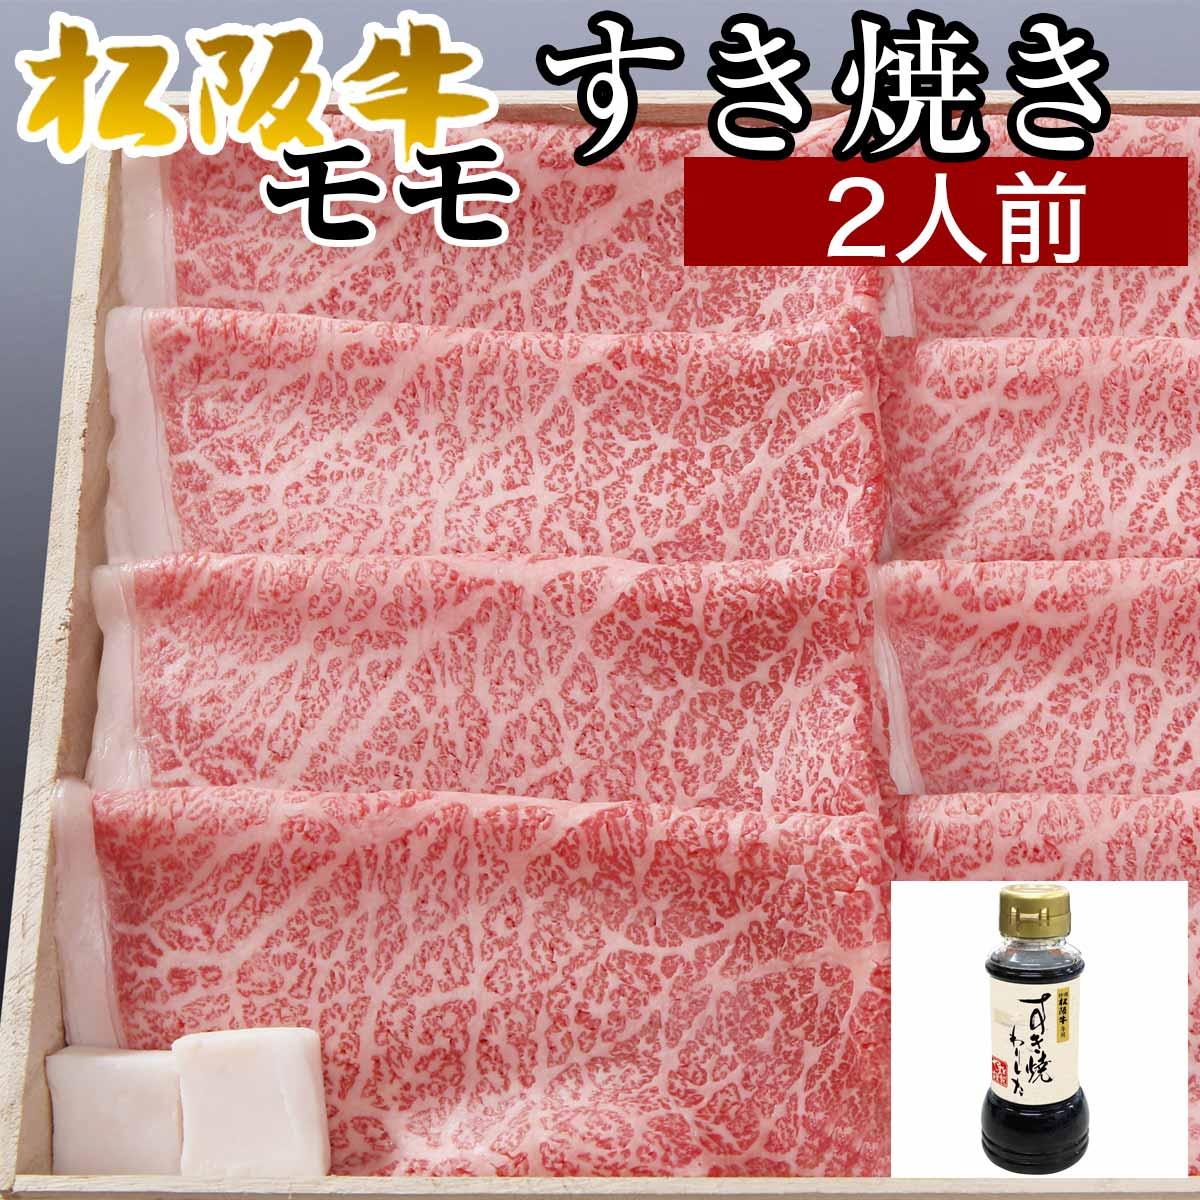 松阪牛モモ鉄板焼き用900g